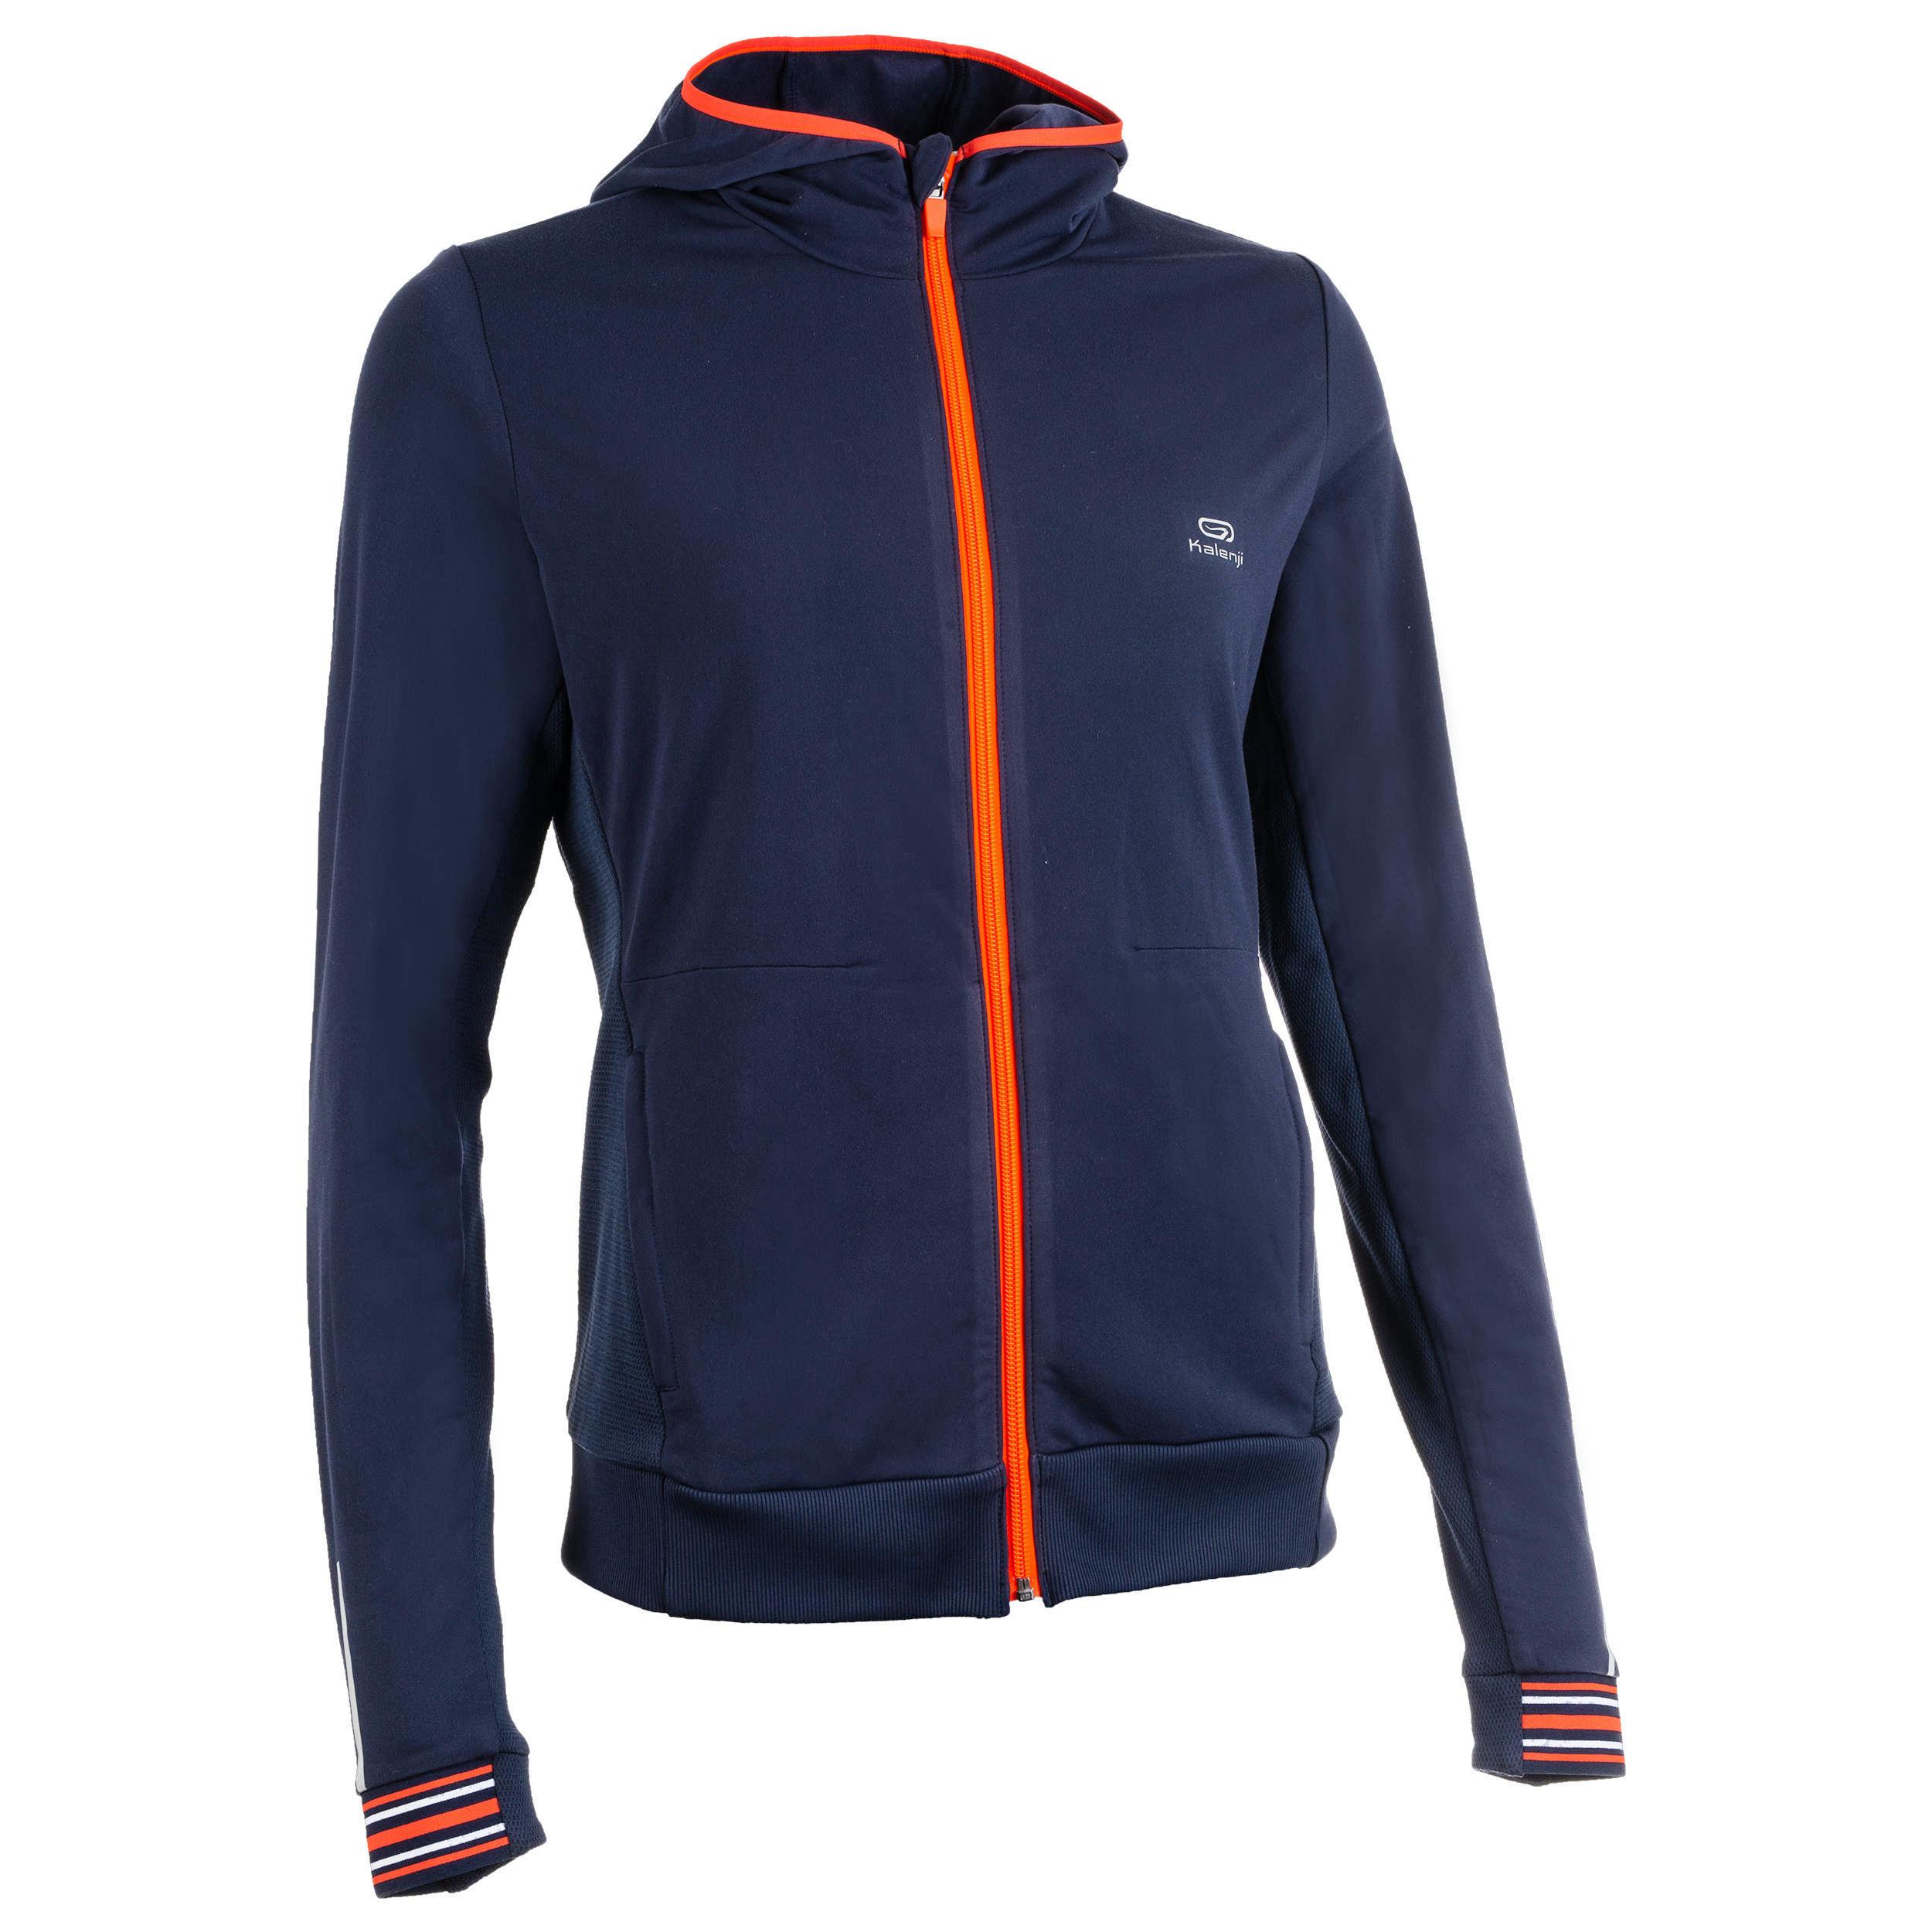 Laufjacke Damen warm marineblau | Sportbekleidung > Sportjacken > Laufjacken | Kalenji